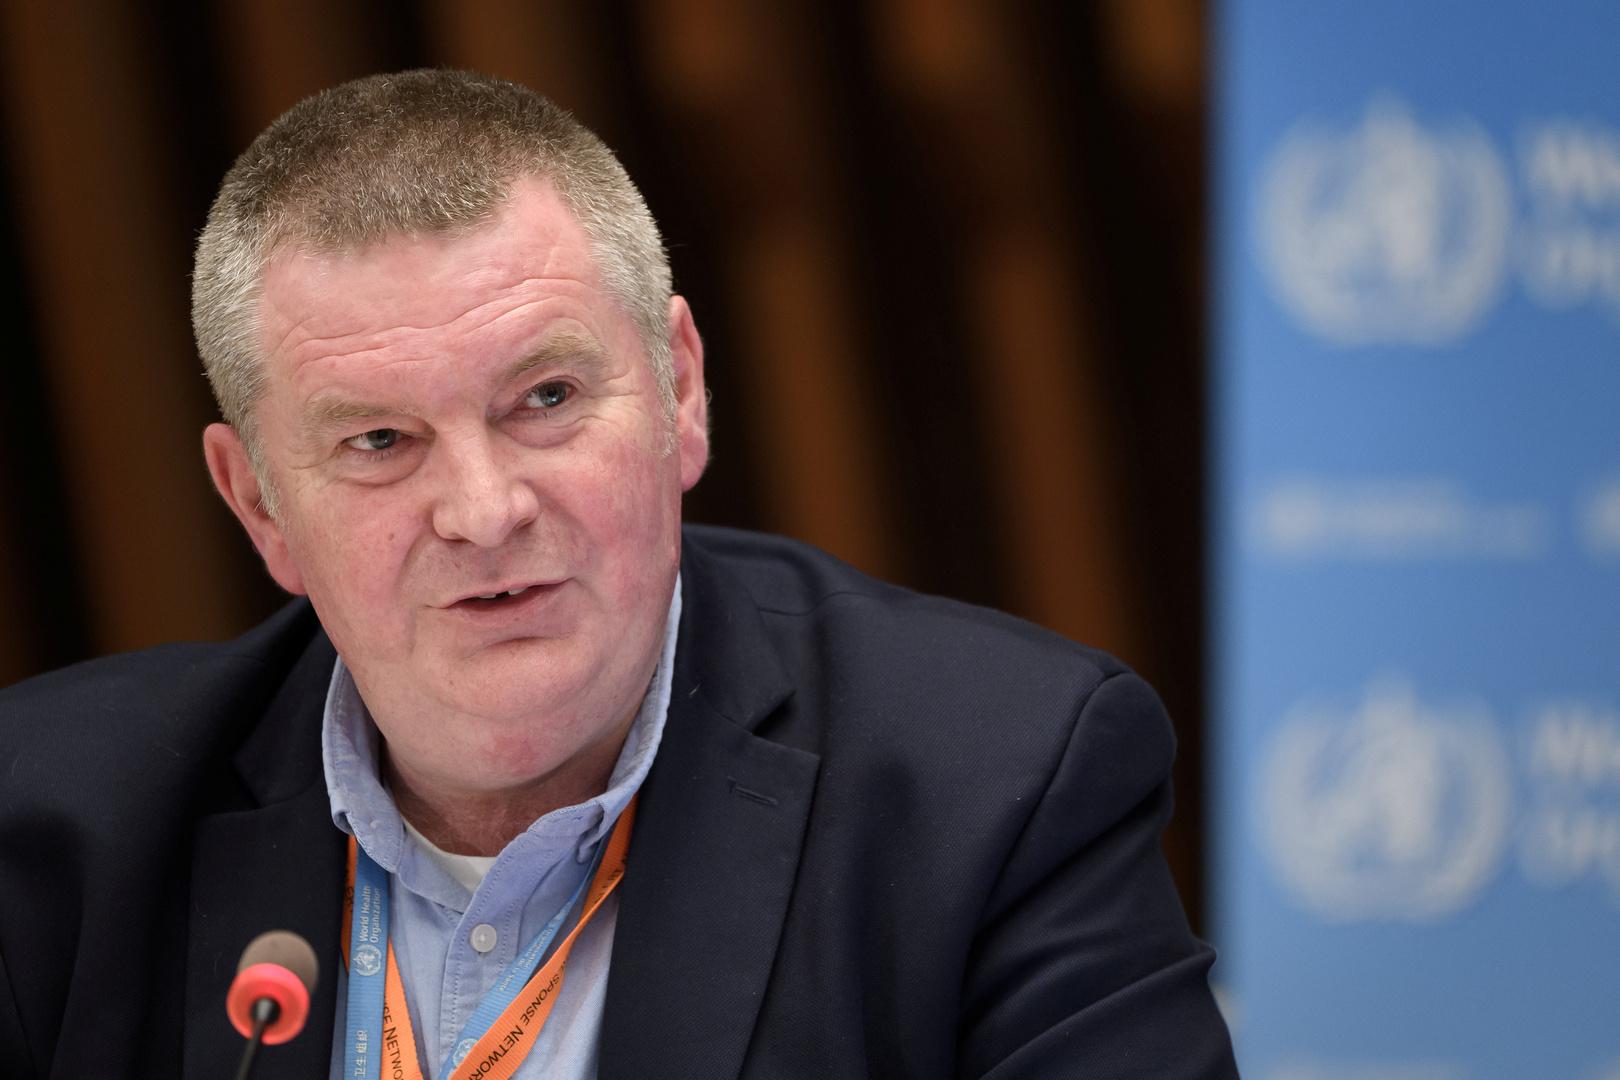 مدير برنامج الطوارئ في منظمة الصحة العالمية، مايك رايان.